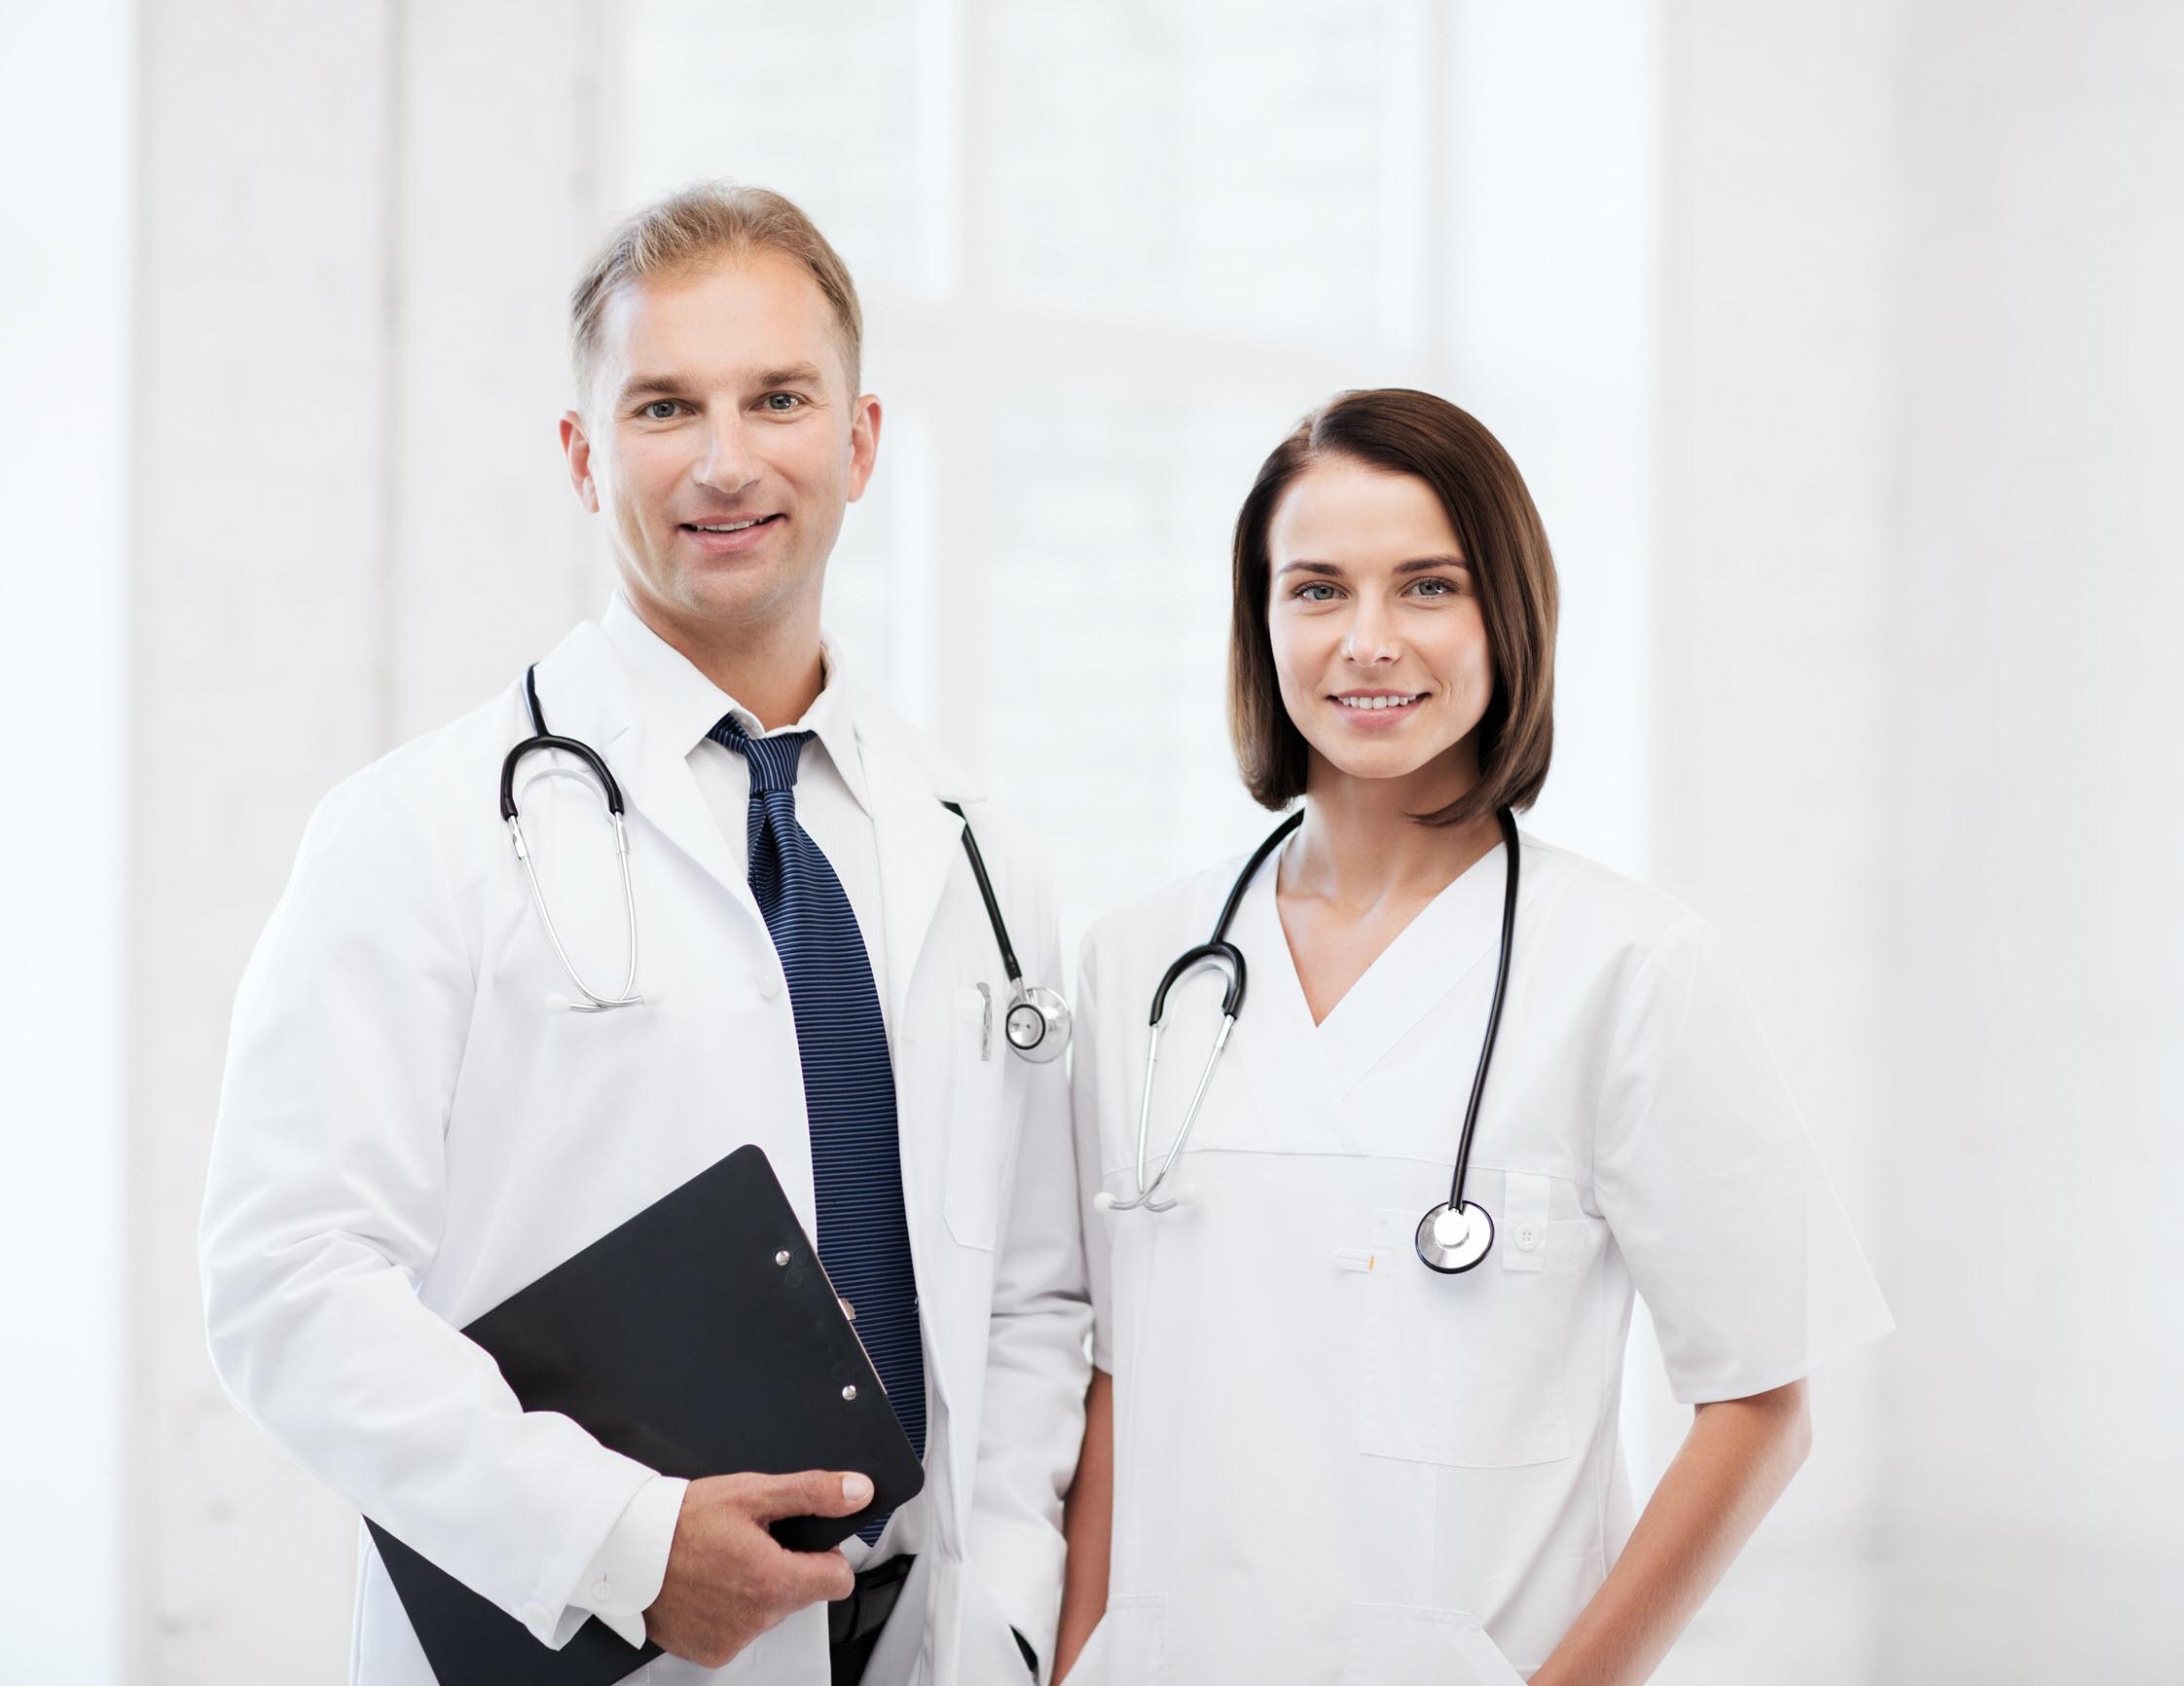 Studienarzt der klinischen Forschung von Novartis